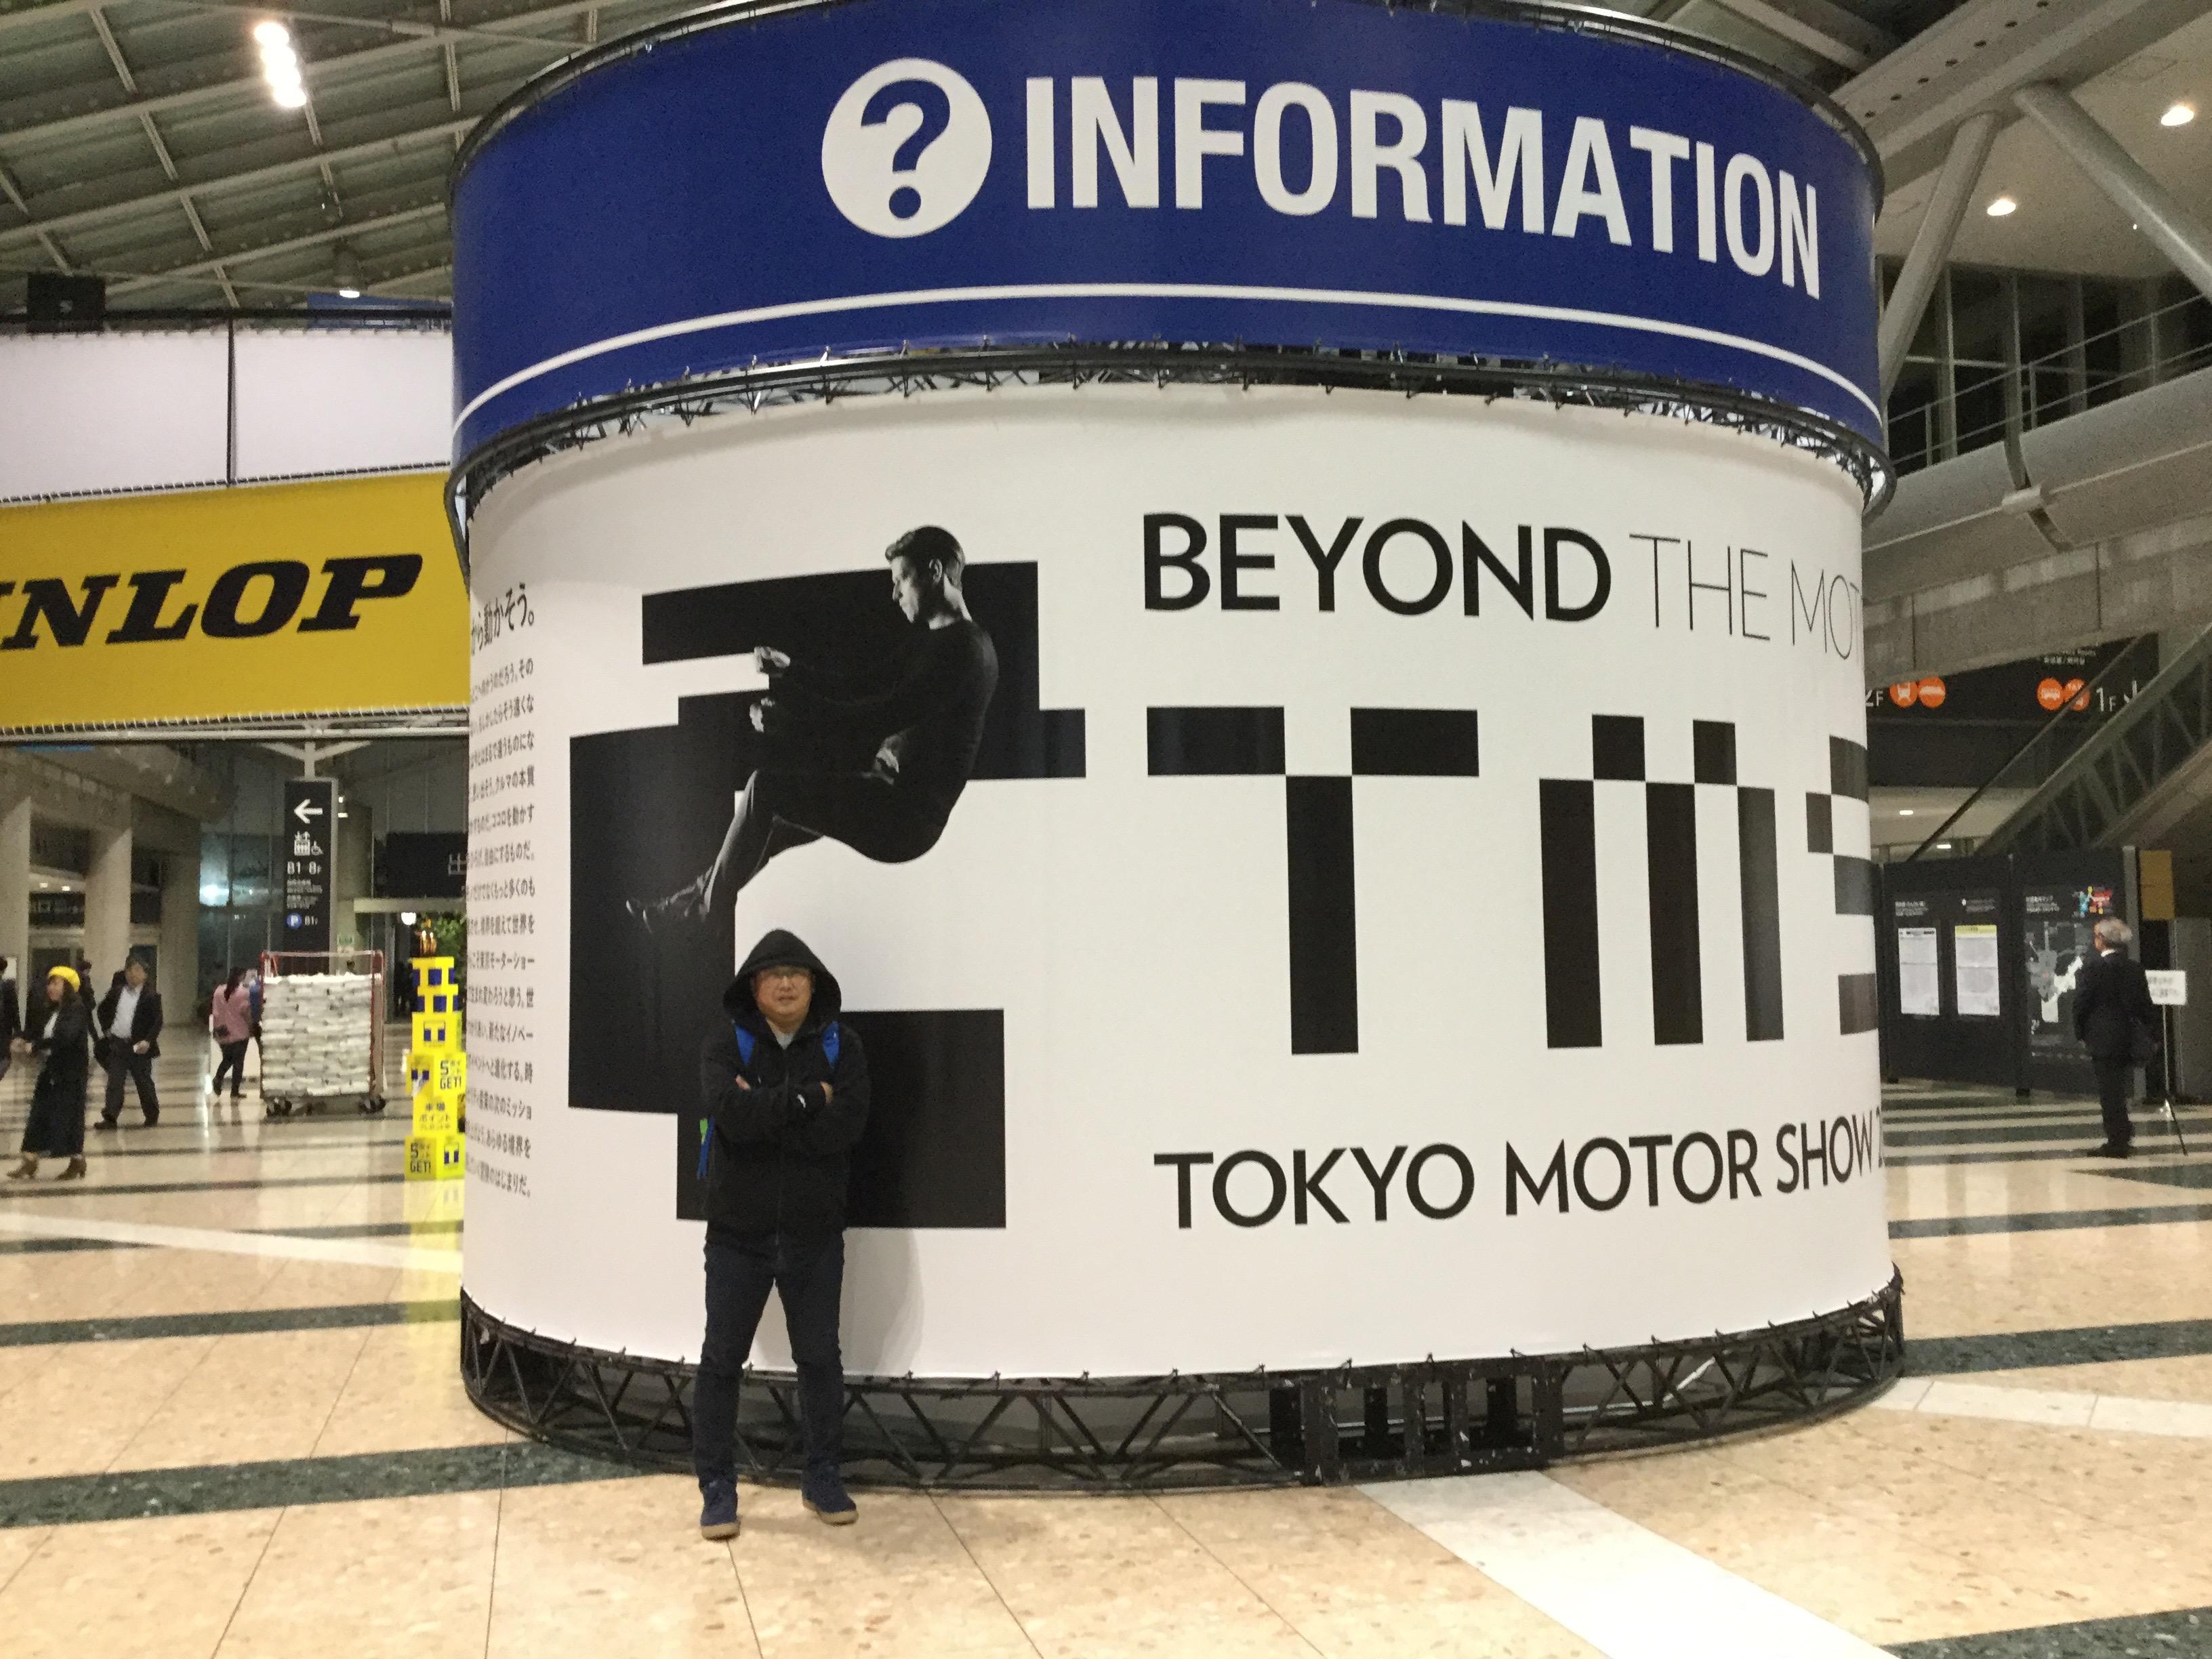 도쿄모터쇼 필자